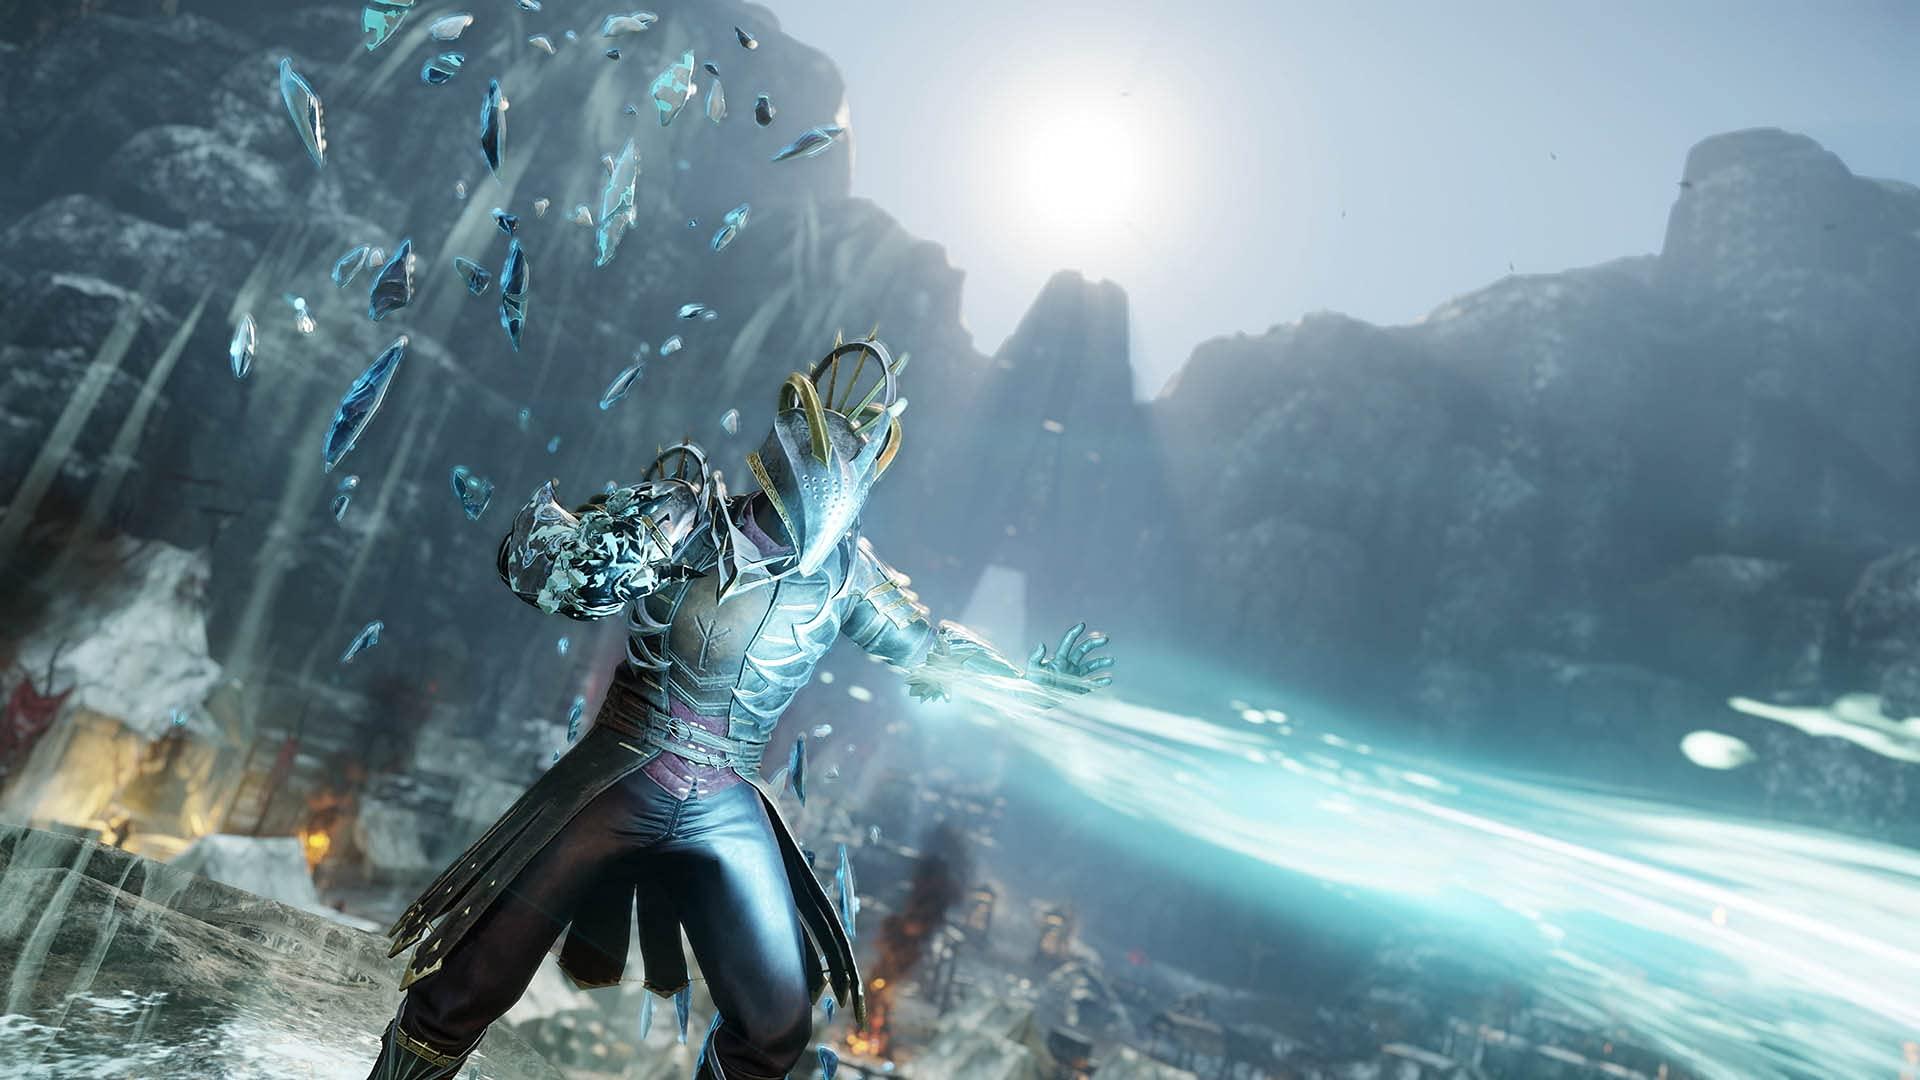 RPG Character Firing Bolt of Lightning Energy While Wearing Armor